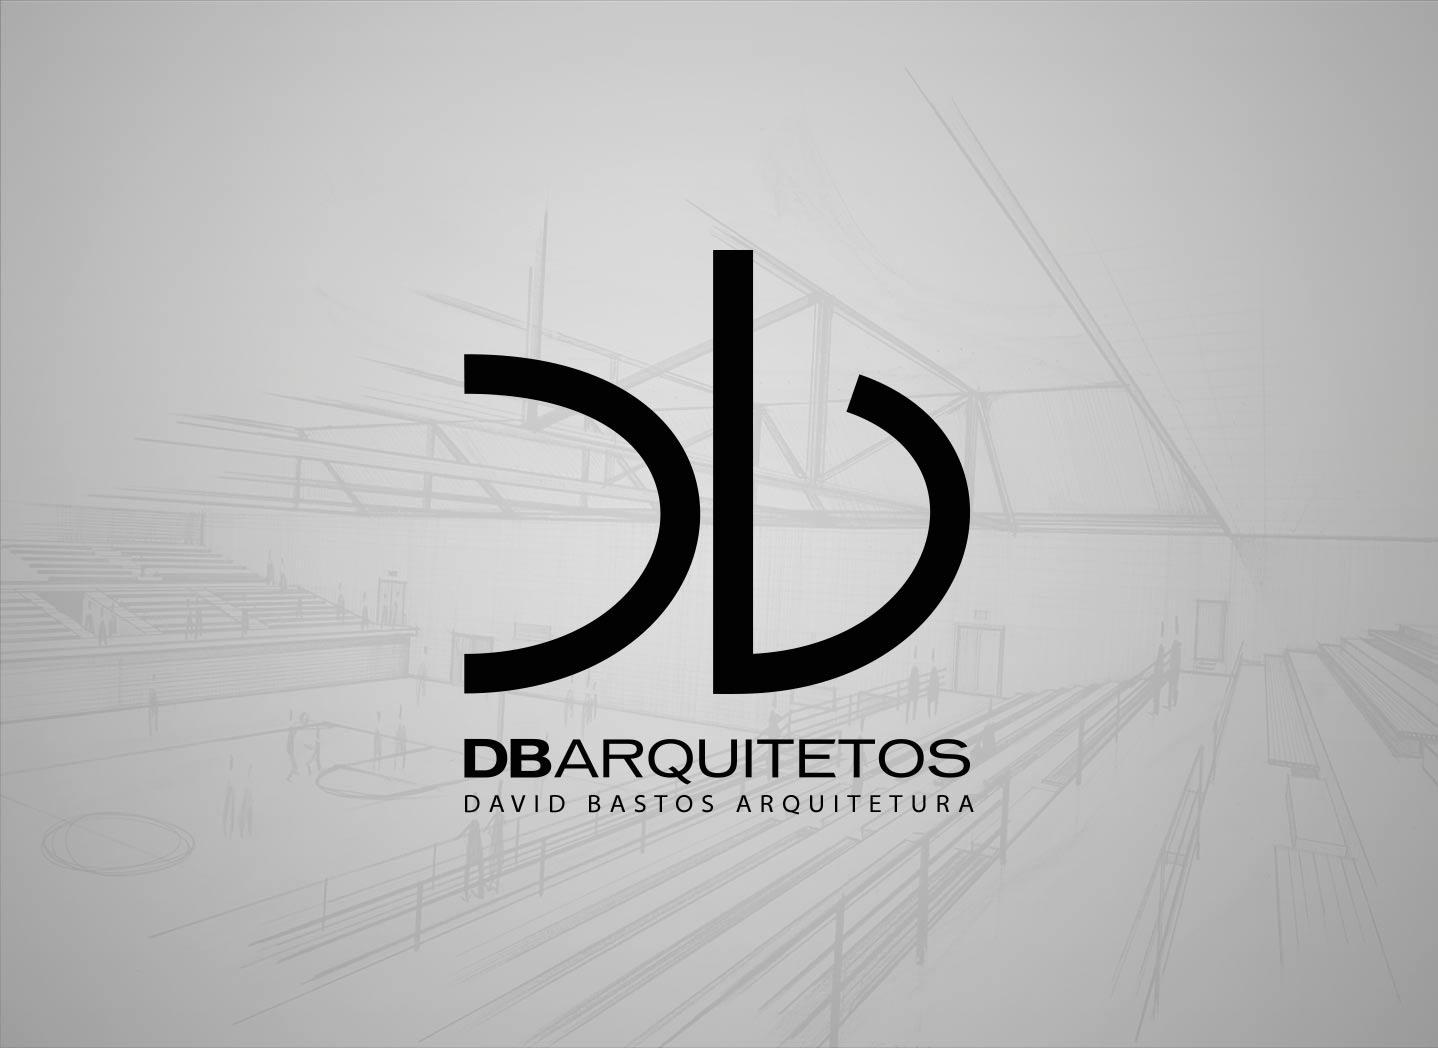 criação-de-logomarca-identidade-de-marca-e-naming-para-empresas-arquiteto-david-bastos